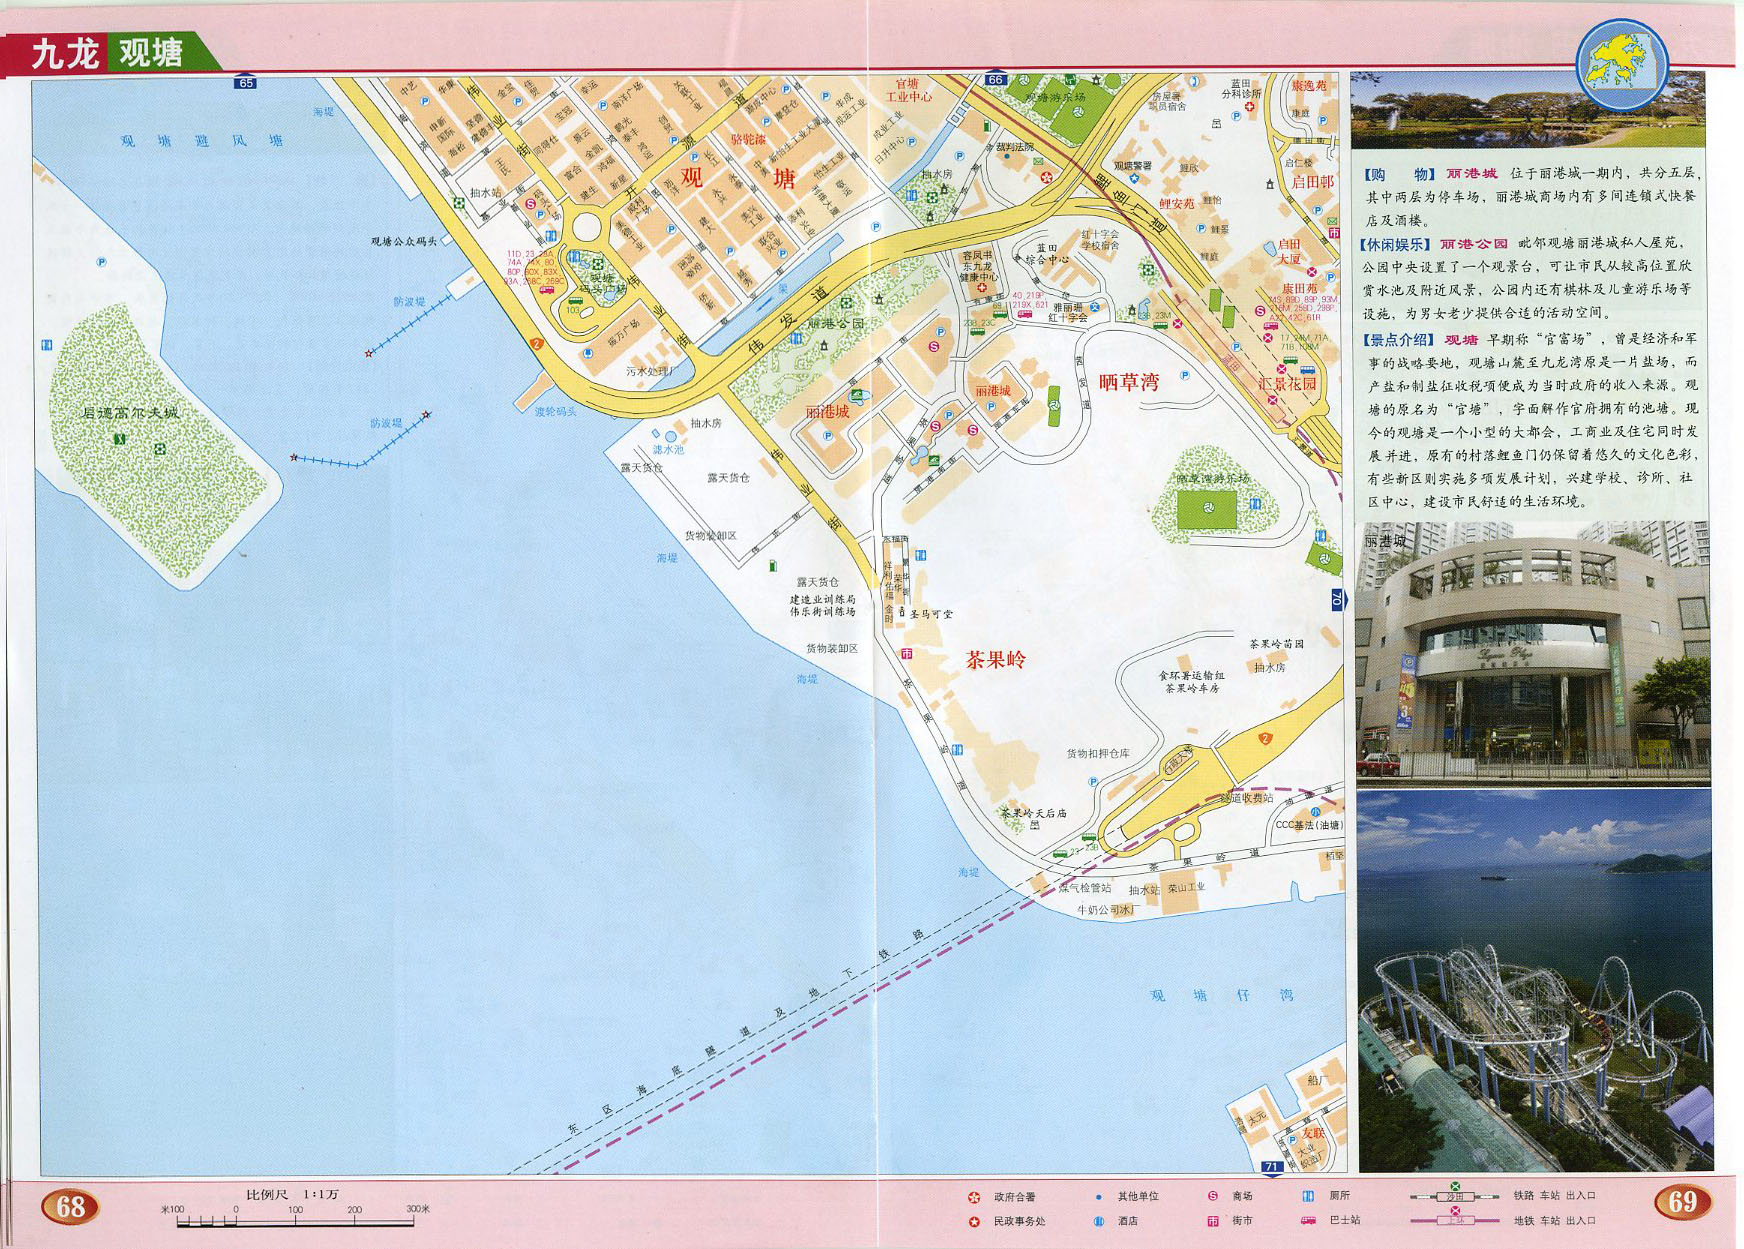 九龙 观塘地图高清版_香港地图库